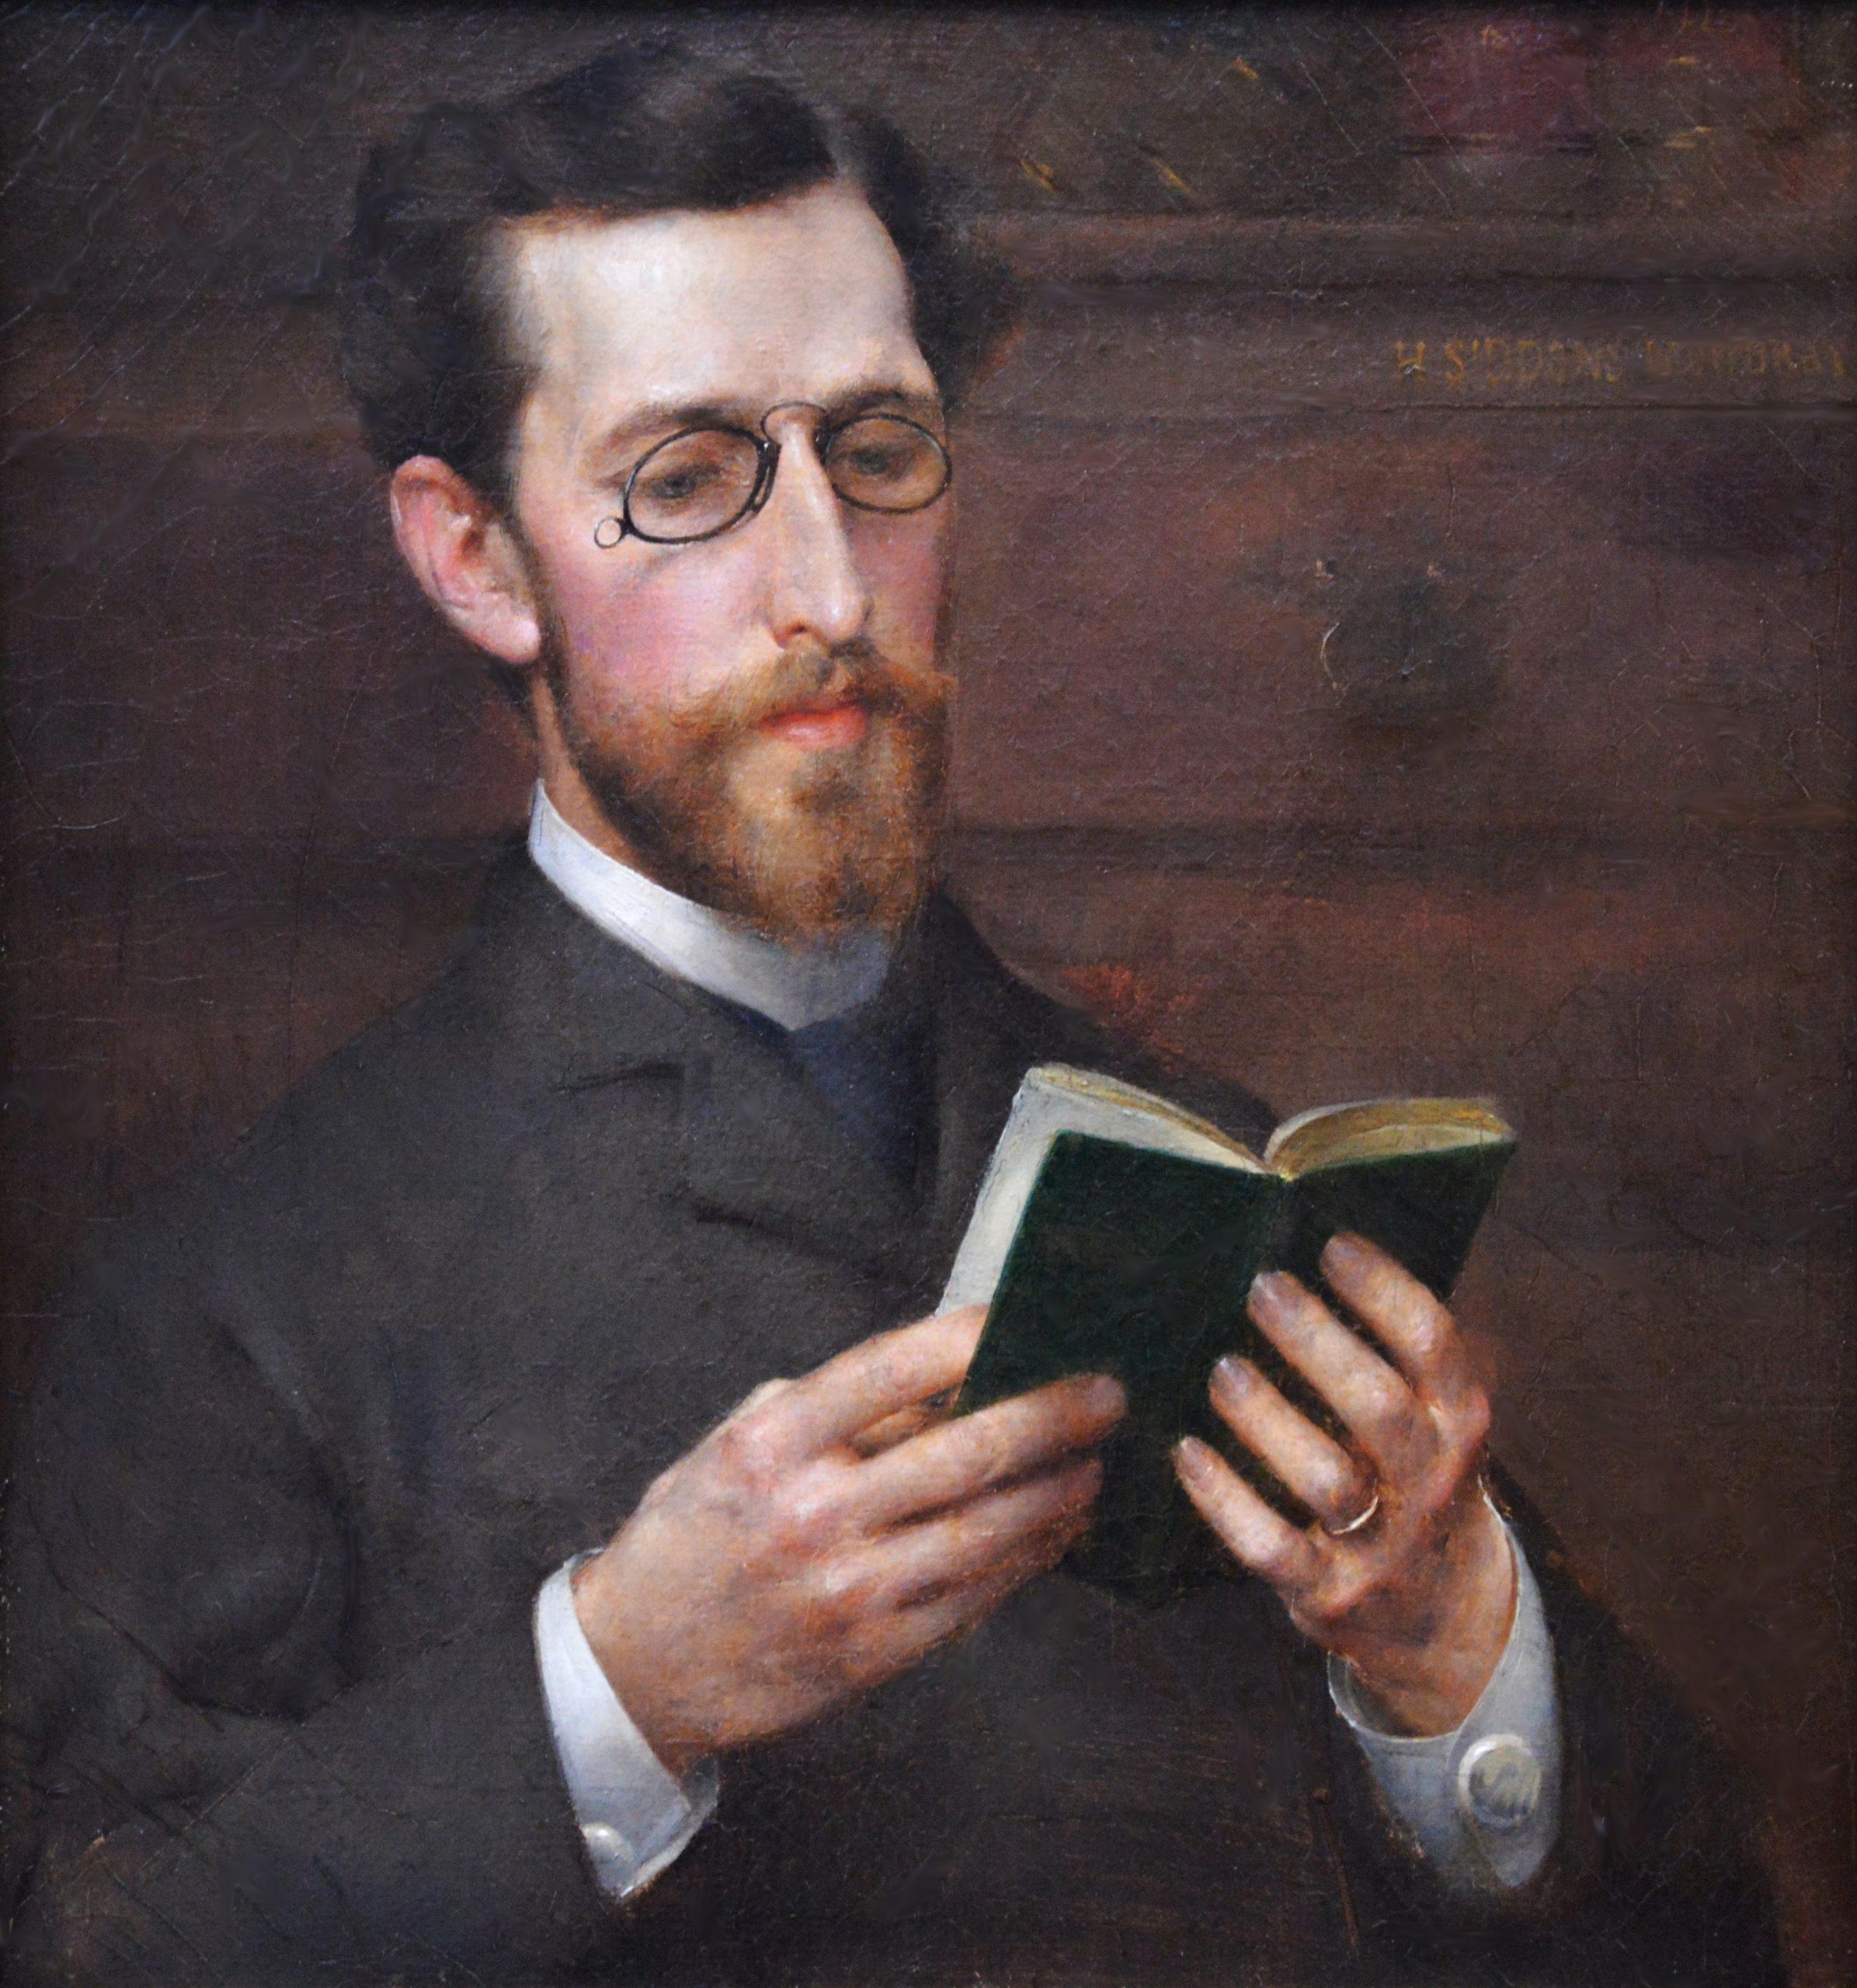 Augustus Saint-Gaudens - 19th Century Portrait Oil Painting Image